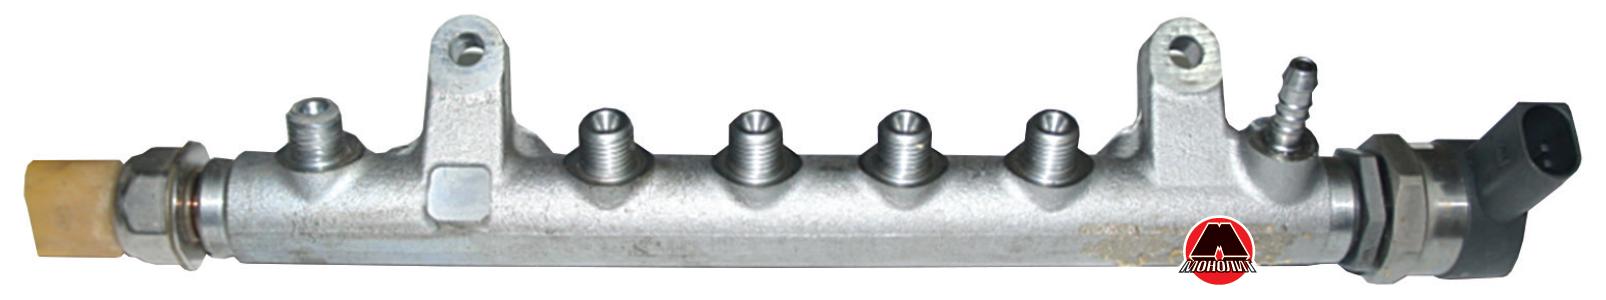 Система безпосереднього впорскування дизельного двигуна Common-Rail